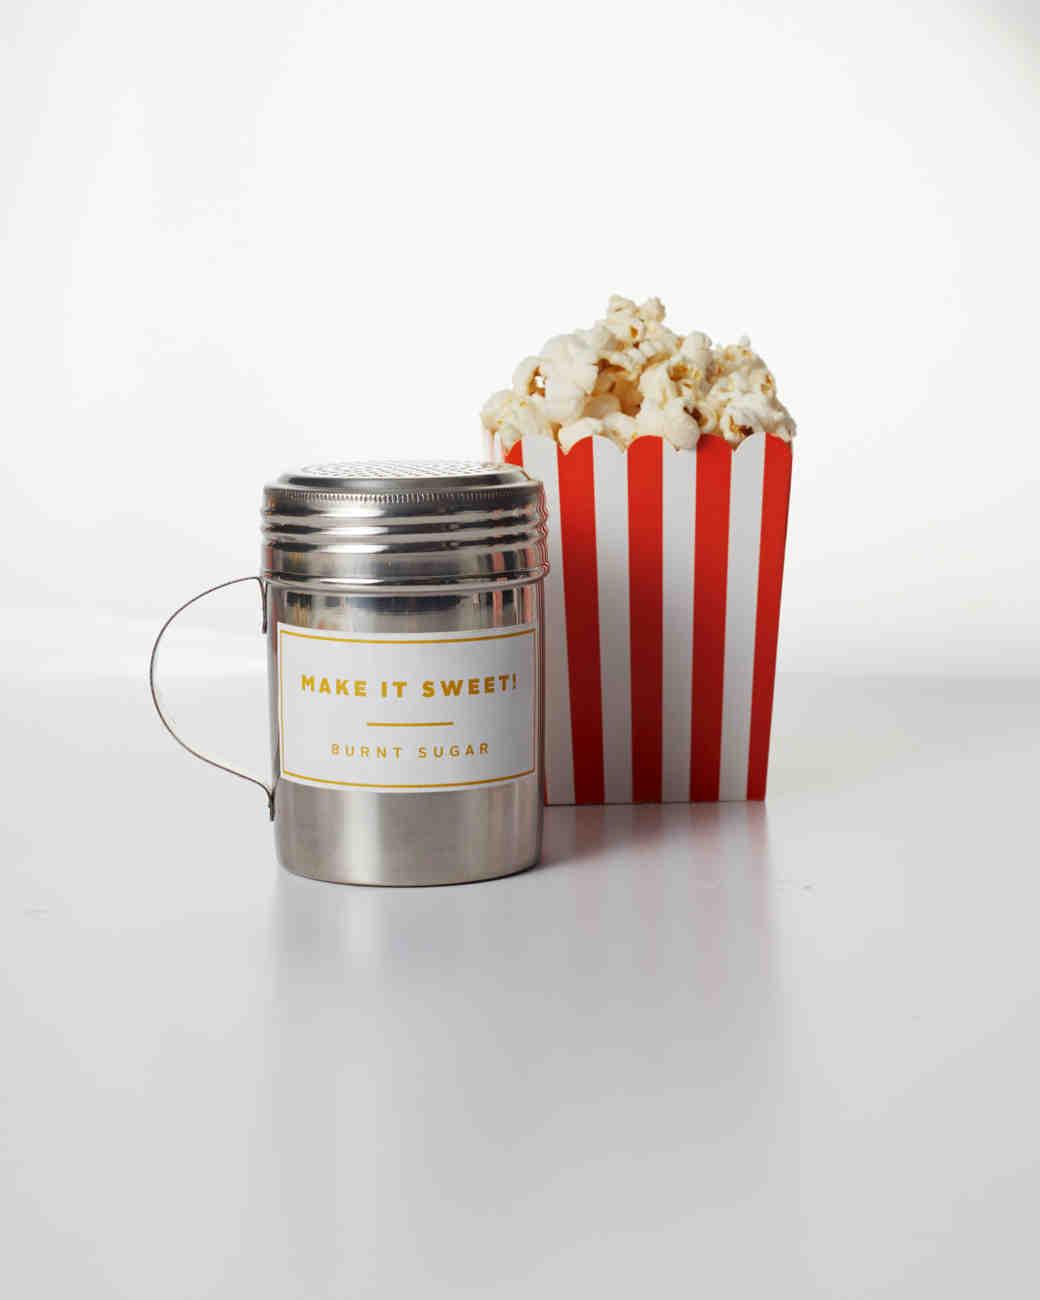 Burnt Sugar Popcorn Topping